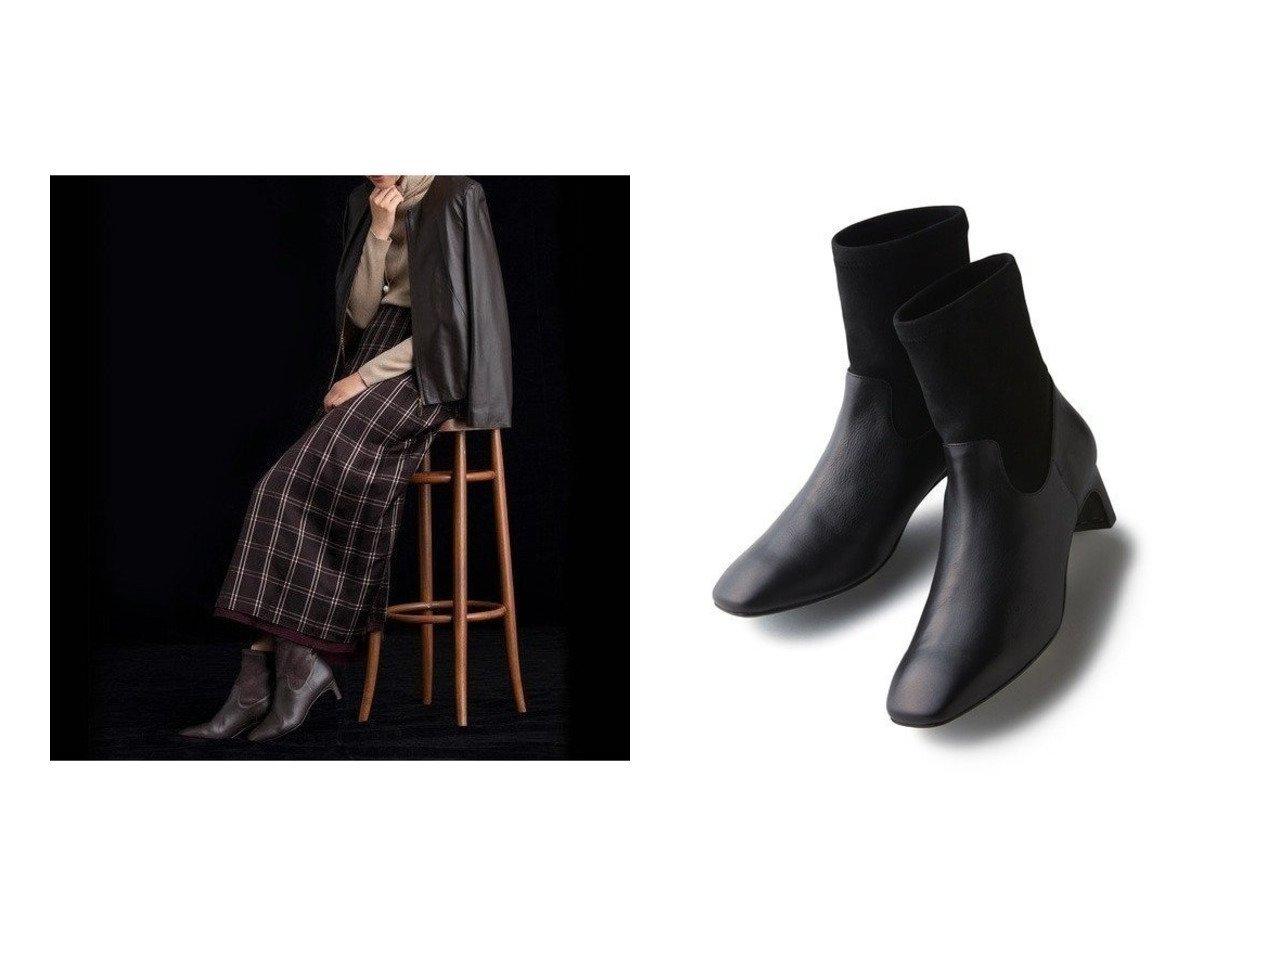 【JIYU-KU/自由区】のストレッチ ショート ブーツ(検索番号:UE23) シューズ・靴のおすすめ!人気、レディースファッションの通販 おすすめで人気のファッション通販商品 インテリア・家具・キッズファッション・メンズファッション・レディースファッション・服の通販 founy(ファニー) https://founy.com/ ファッション Fashion レディース WOMEN ショート スエード ストレッチ バランス |ID:crp329100000000994